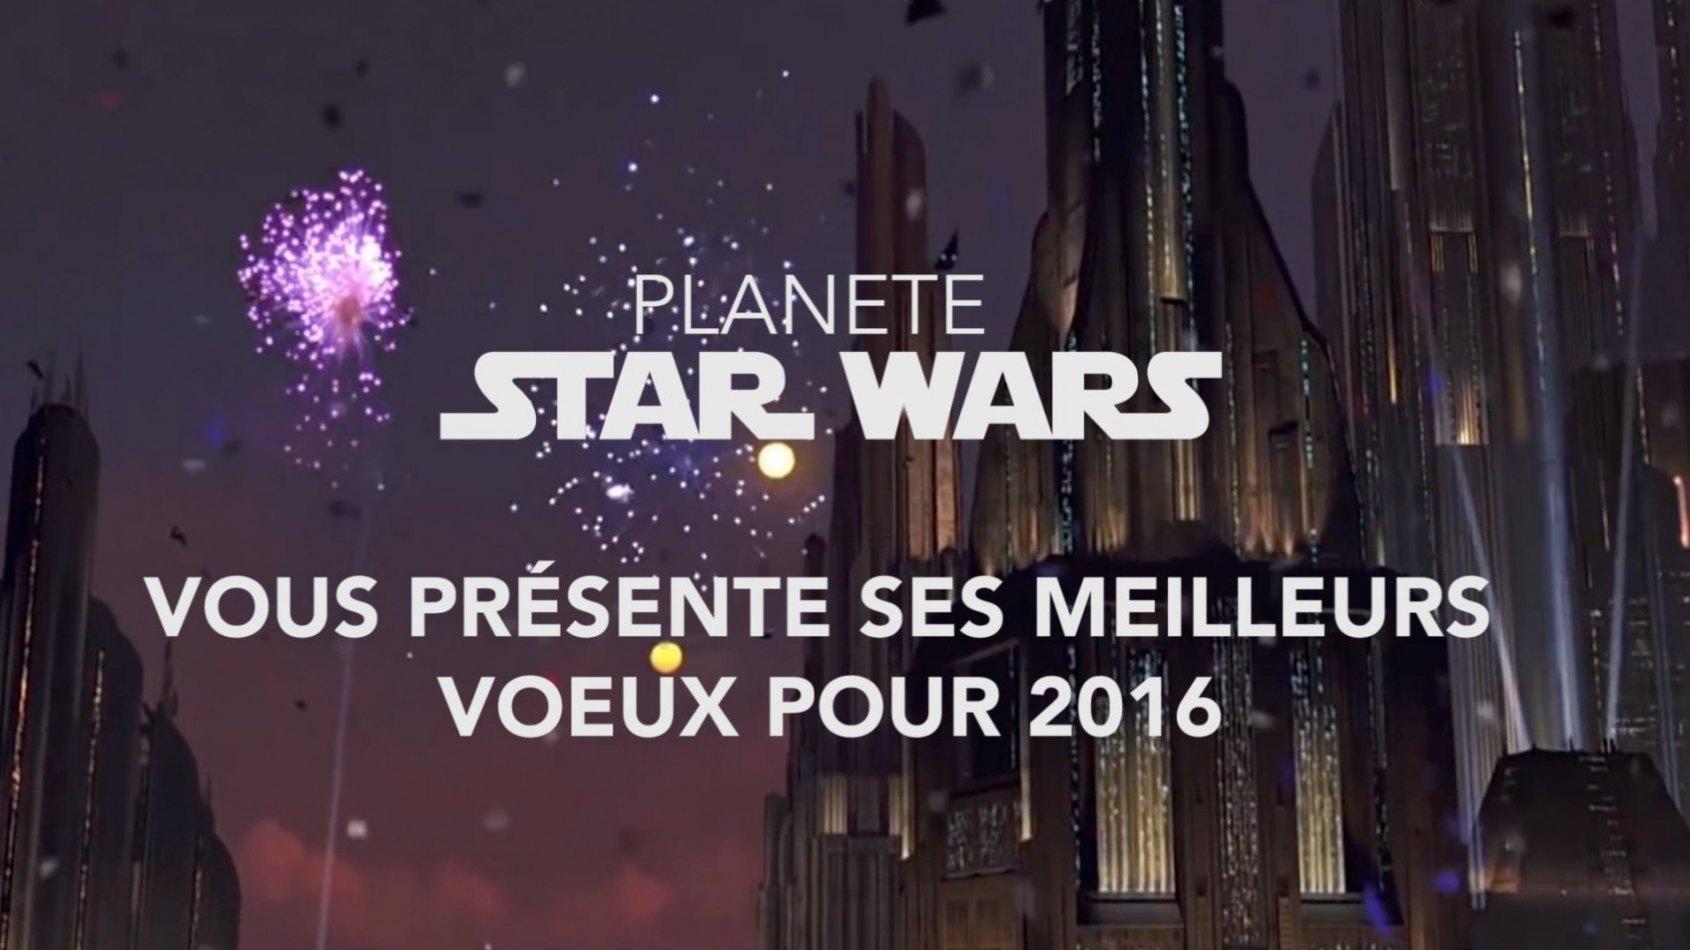 Tous nos voeux pour 2016 !